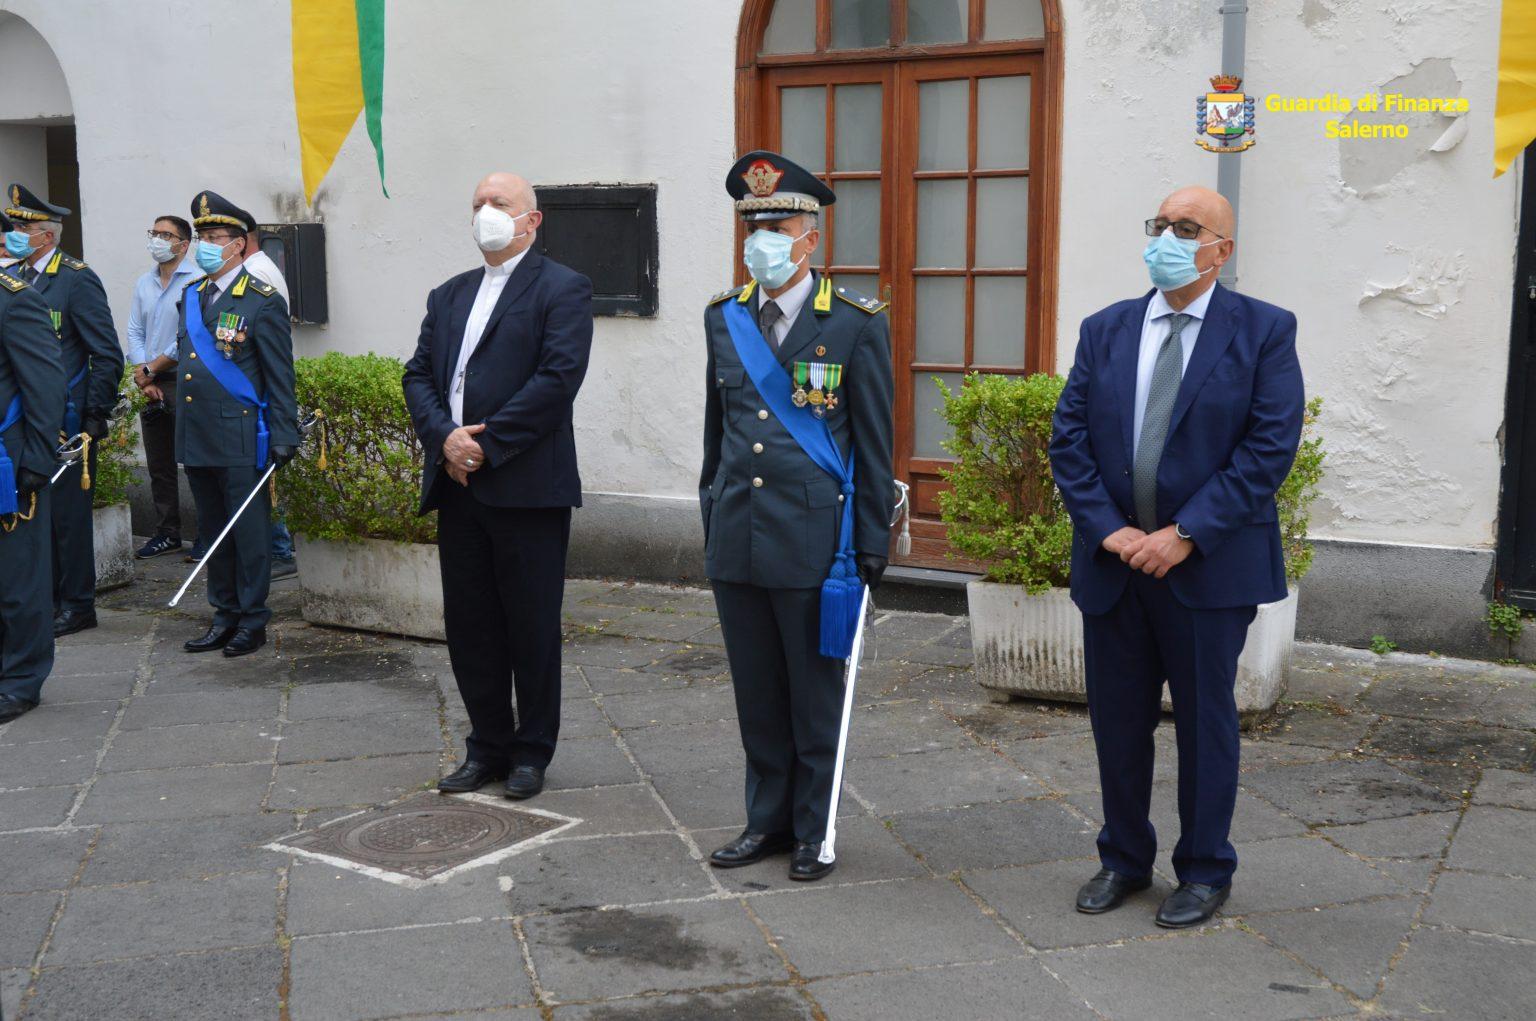 Guardia di Finanza Salerno: «Operazione 'Febbre dell'oro nero' nel Vallo di Diano tra più rilevanti»